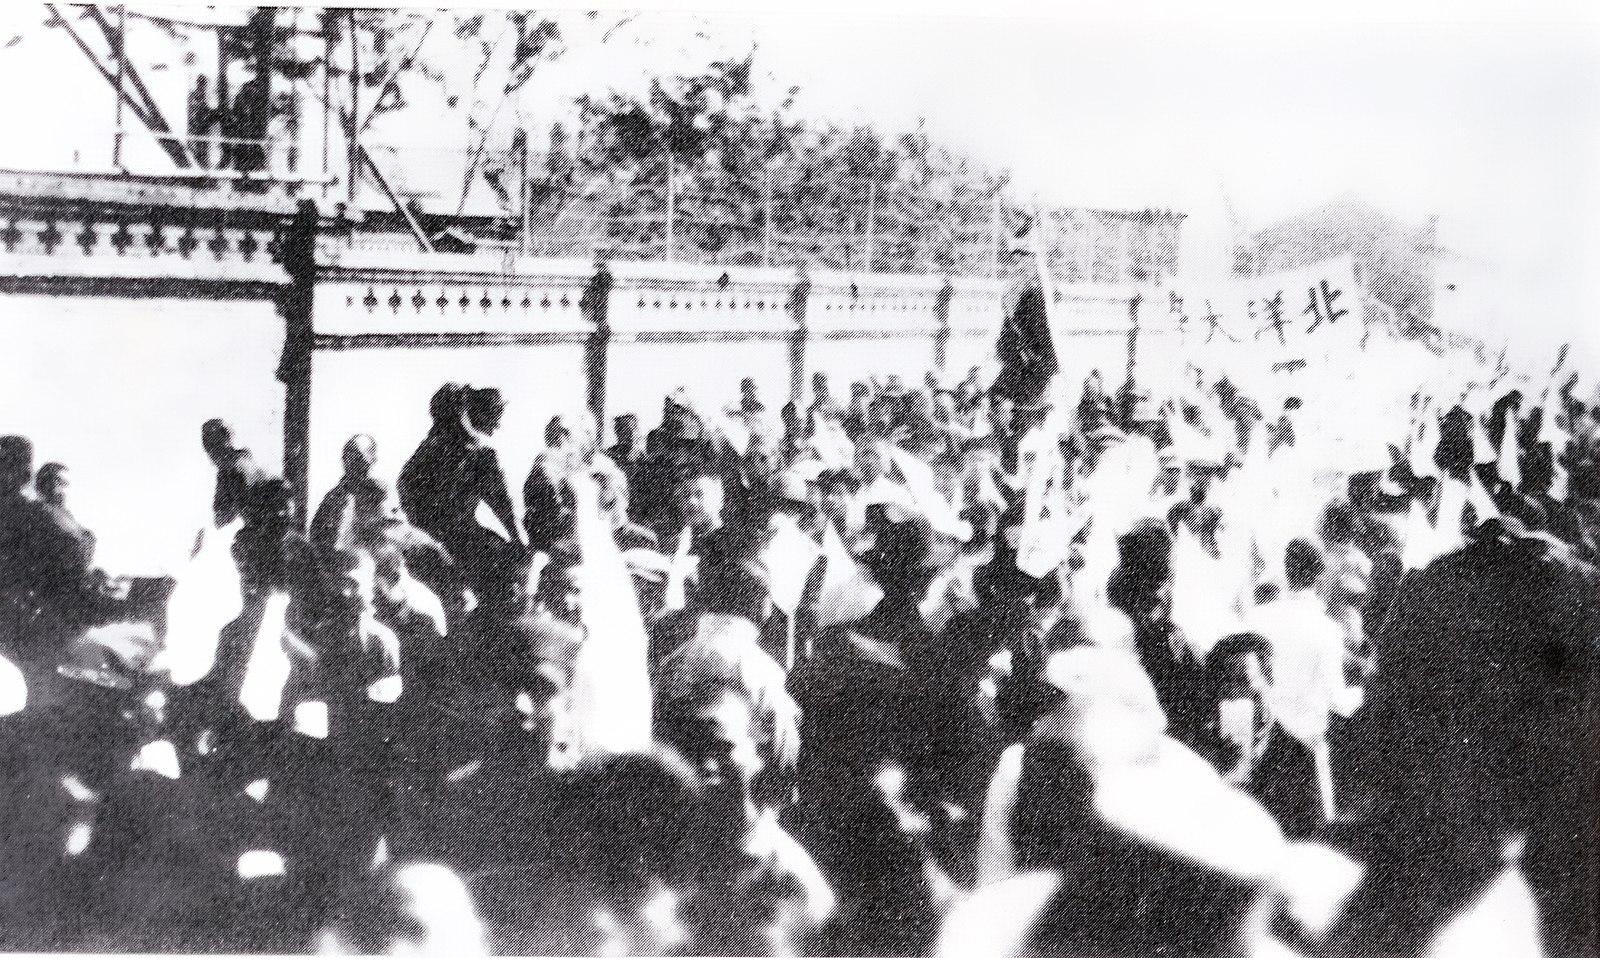 五四运动激化了中国的青年和工人,使他们中的许多人走向了俄国革命和马克思主义的理念,从而为谢雪红与十月革命思想的相遇创造了条件。 //图片:公共领域